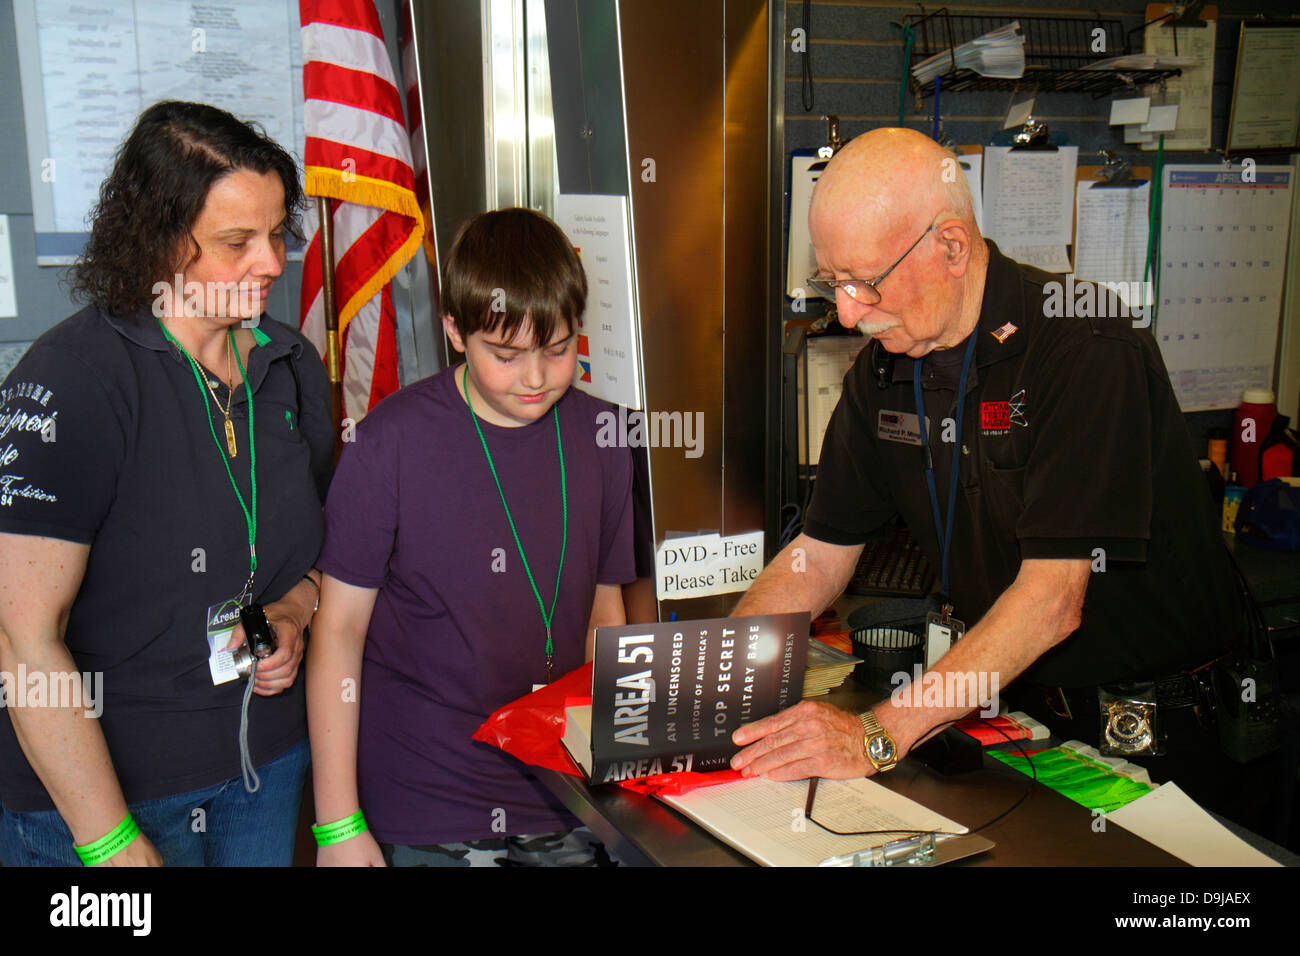 Nevada Las Vegas Flamingo Road National Atomic Testing Museum el desarrollo de armas nucleares boy hijo madre hombre Imagen De Stock